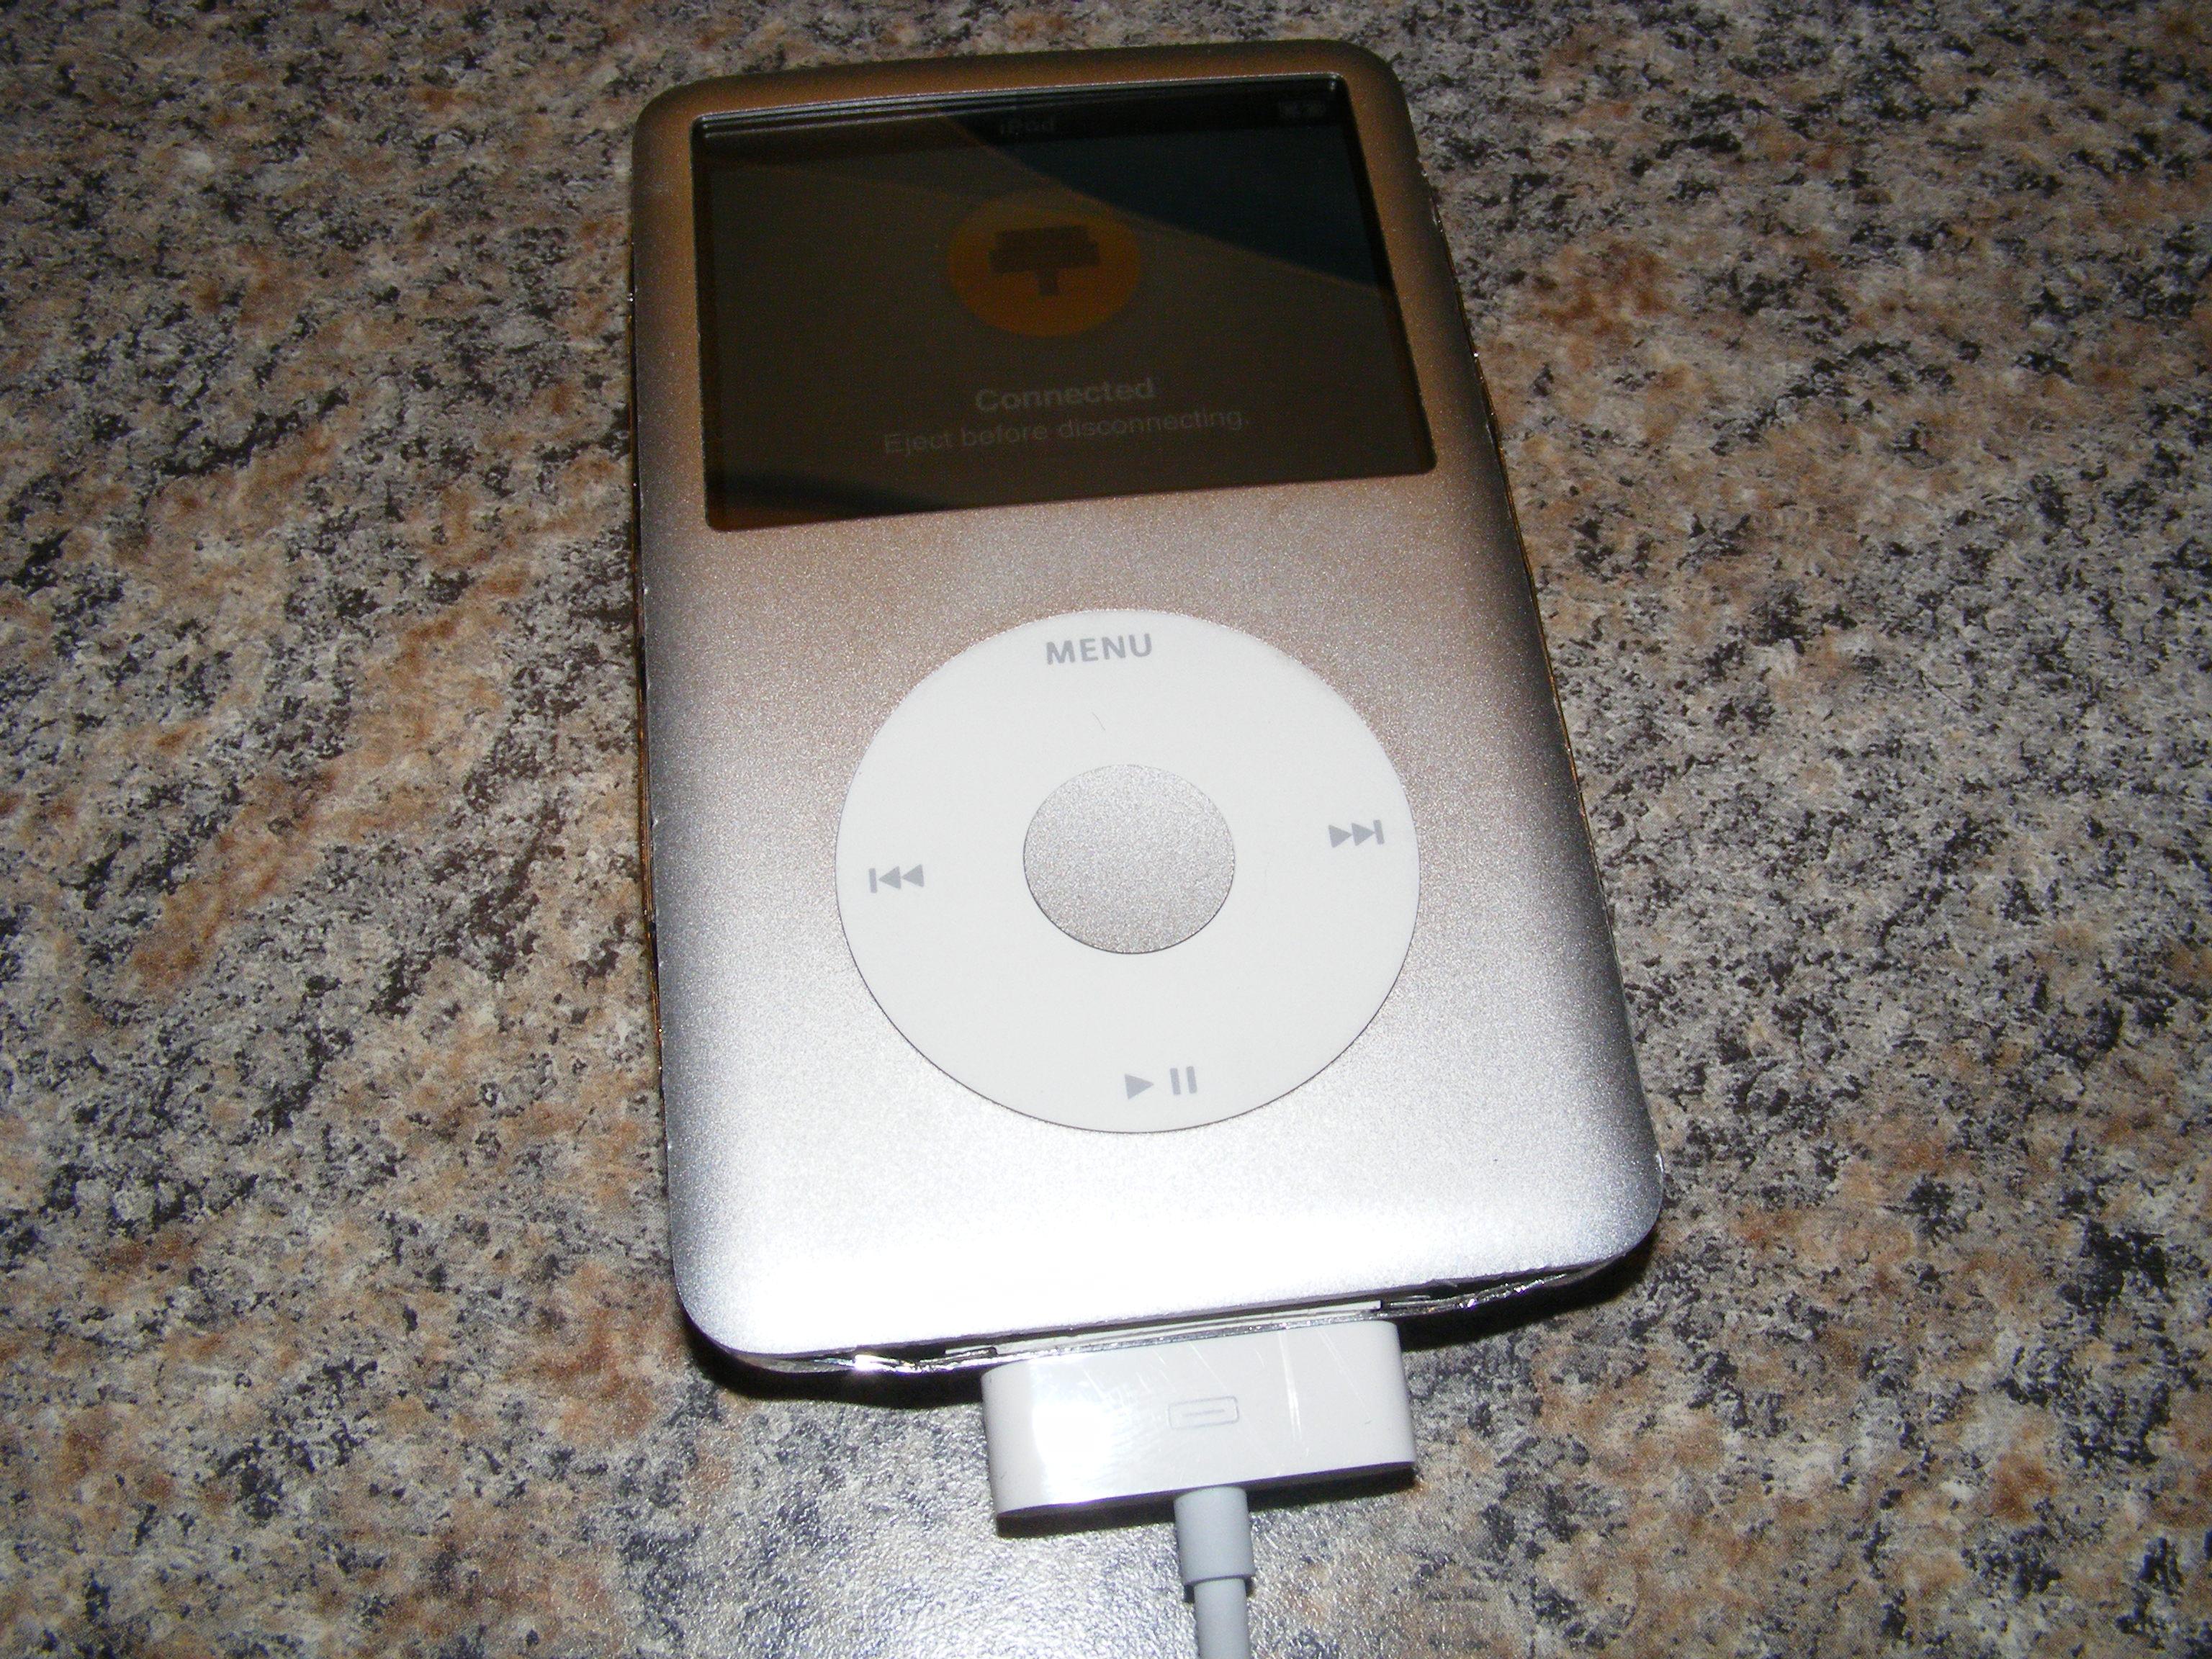 Repair bricked ipod Classic 80 gb